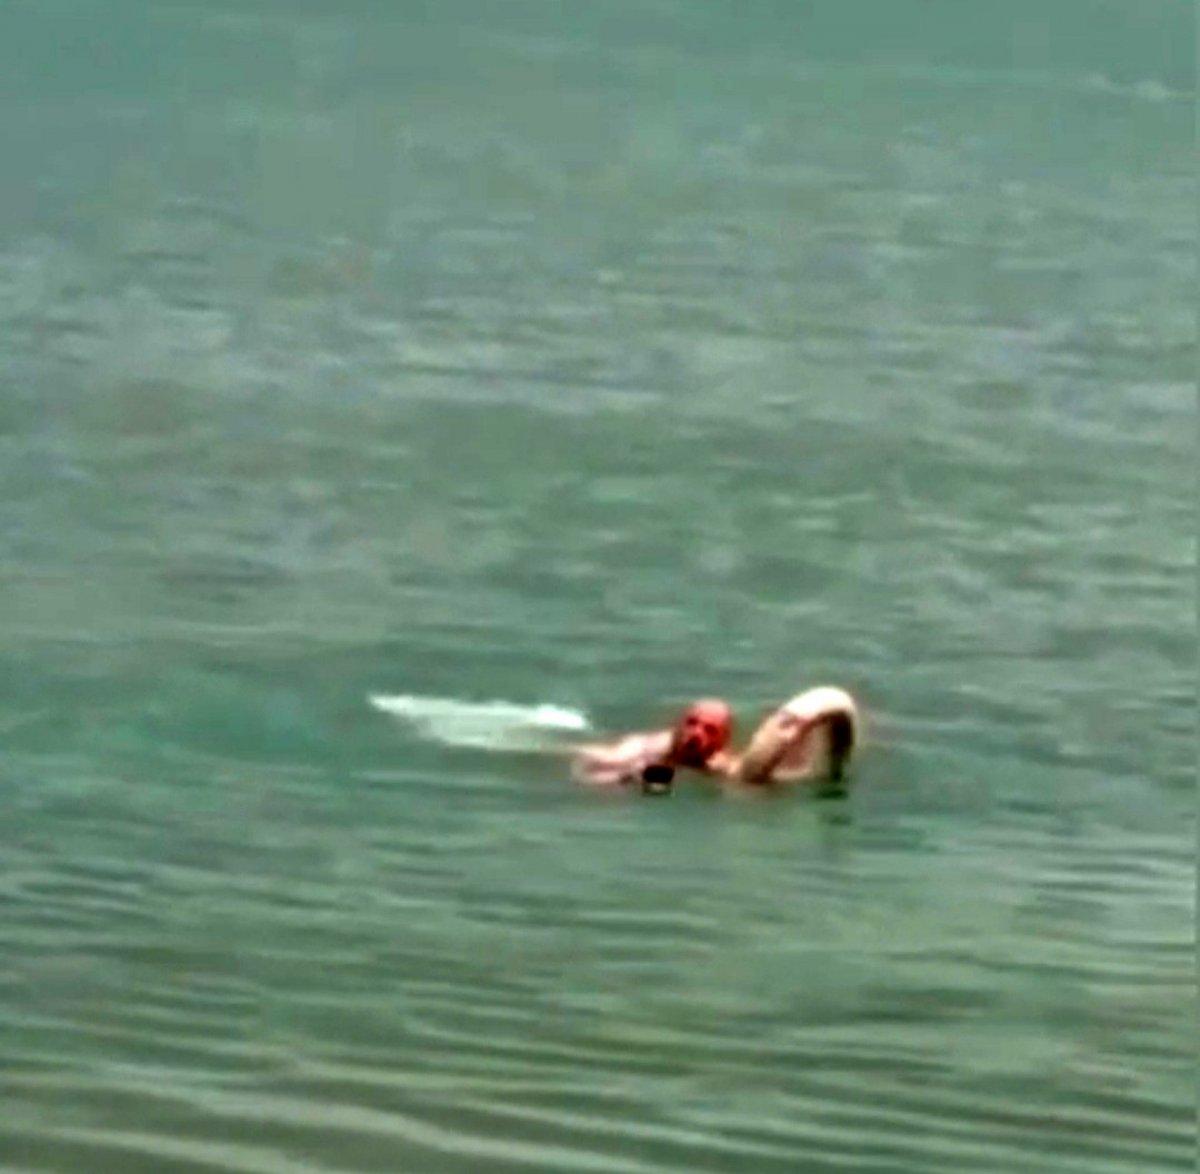 Elazığ'da köpeği kurtarmak için girdiği gölde mahsur kaldı #2